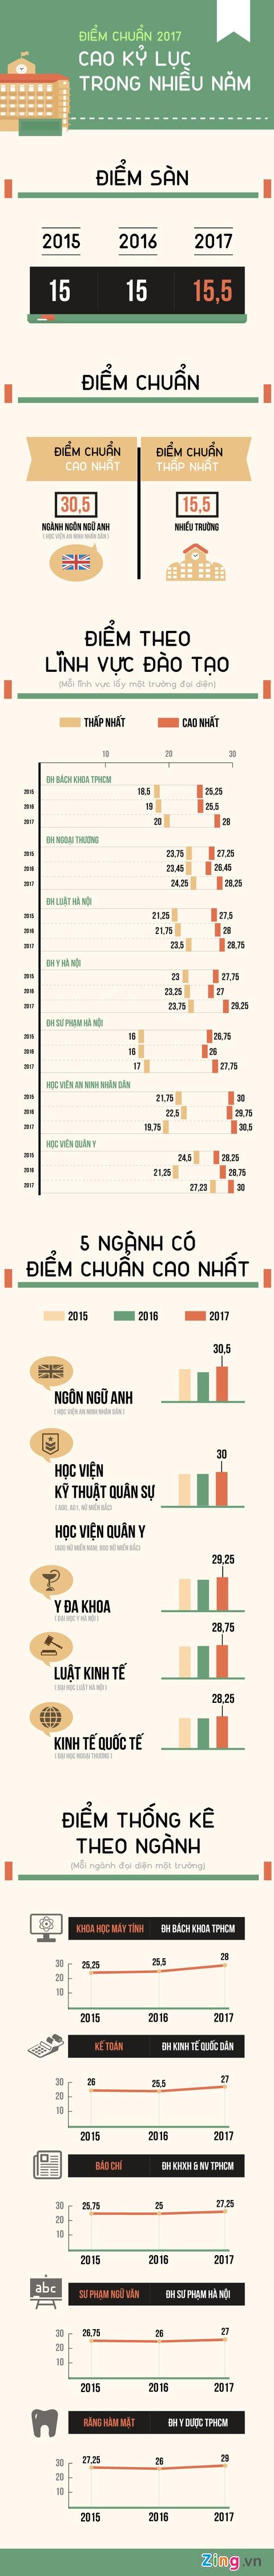 Diem chuan dai hoc 2017 cao ky luc trong nhieu nam hinh anh 1